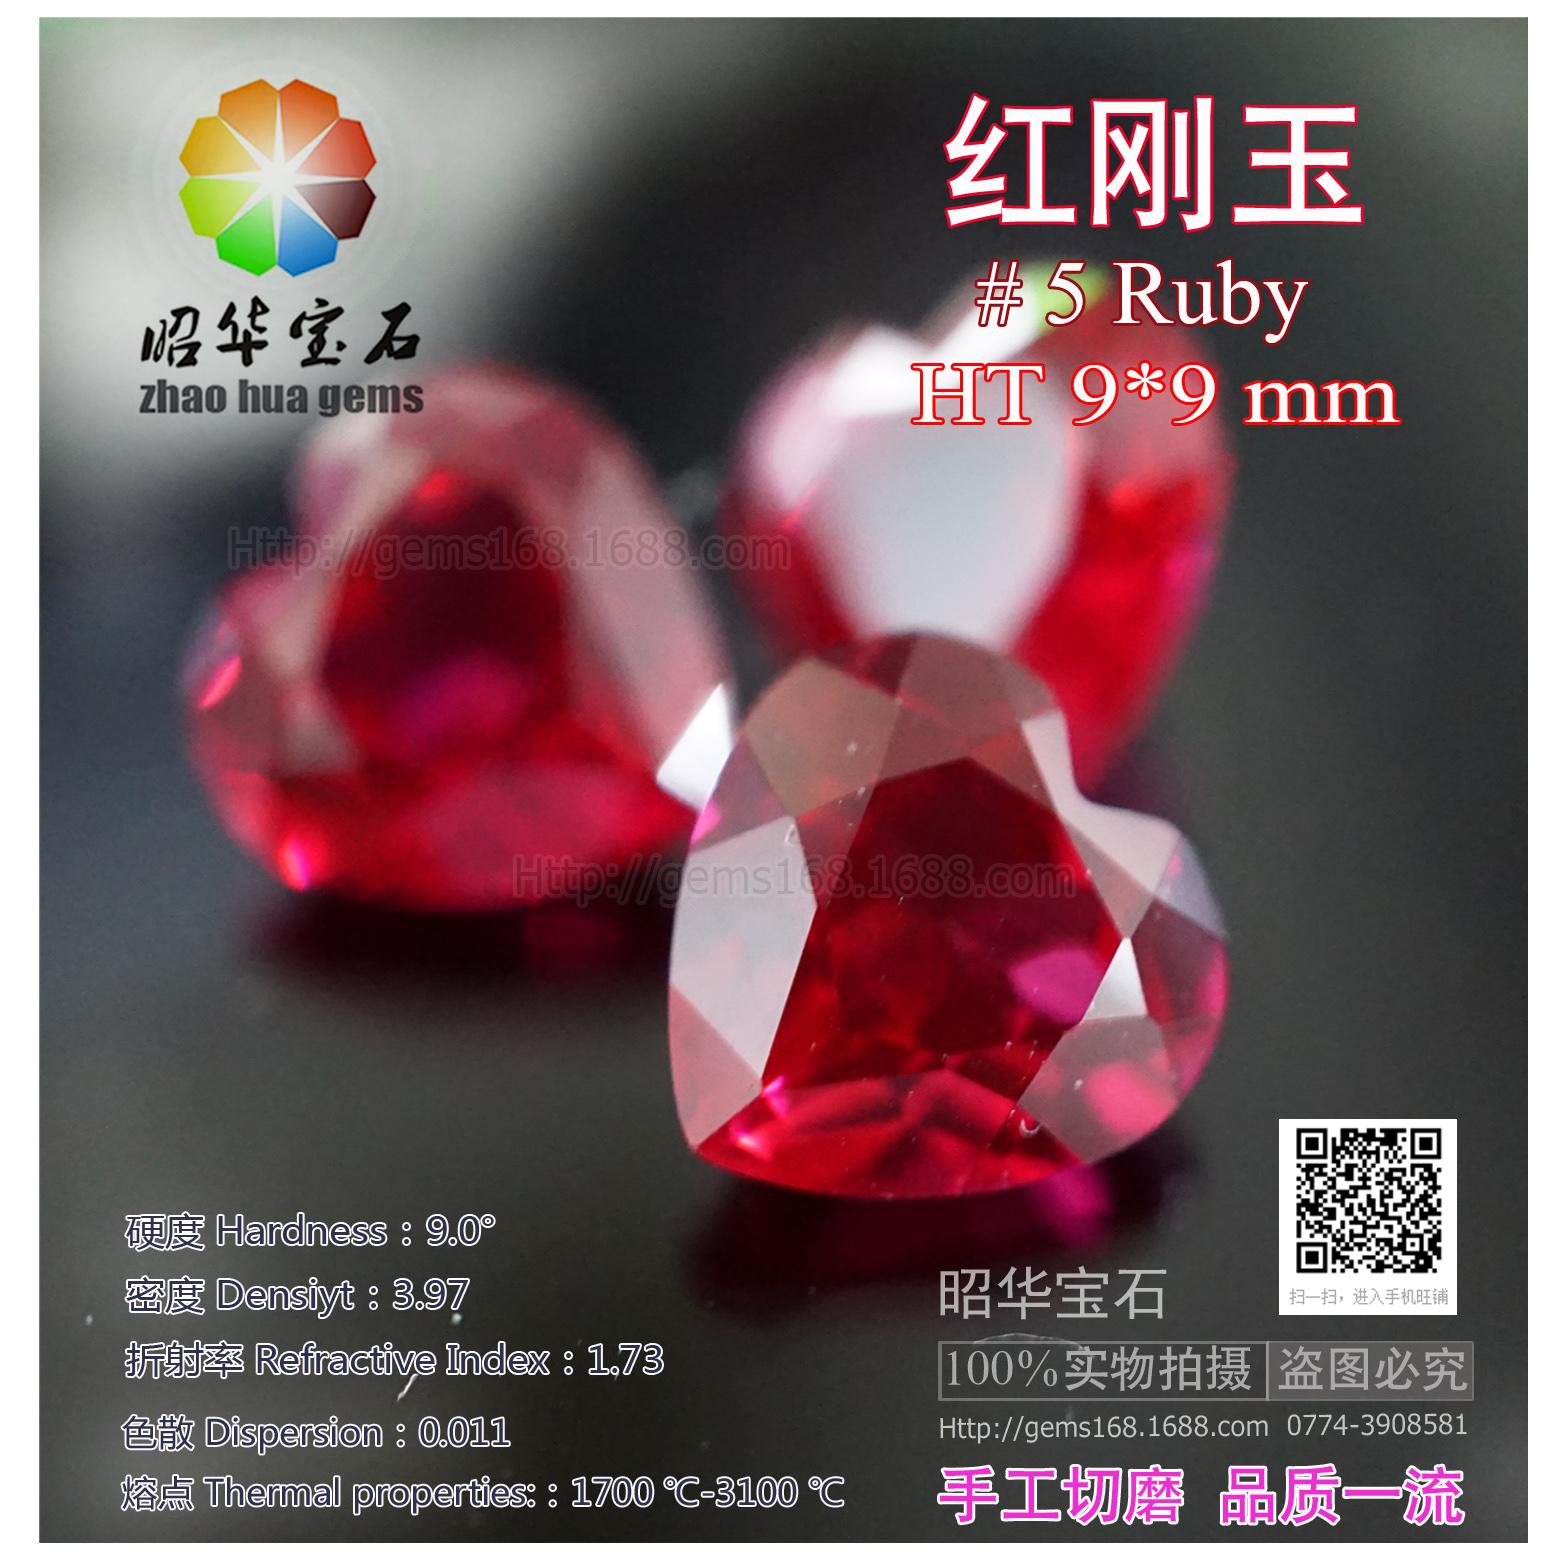 高品质 天然石切 红刚玉心形9*9  合成红宝石批发 刚玉 原石 刚玉裸石